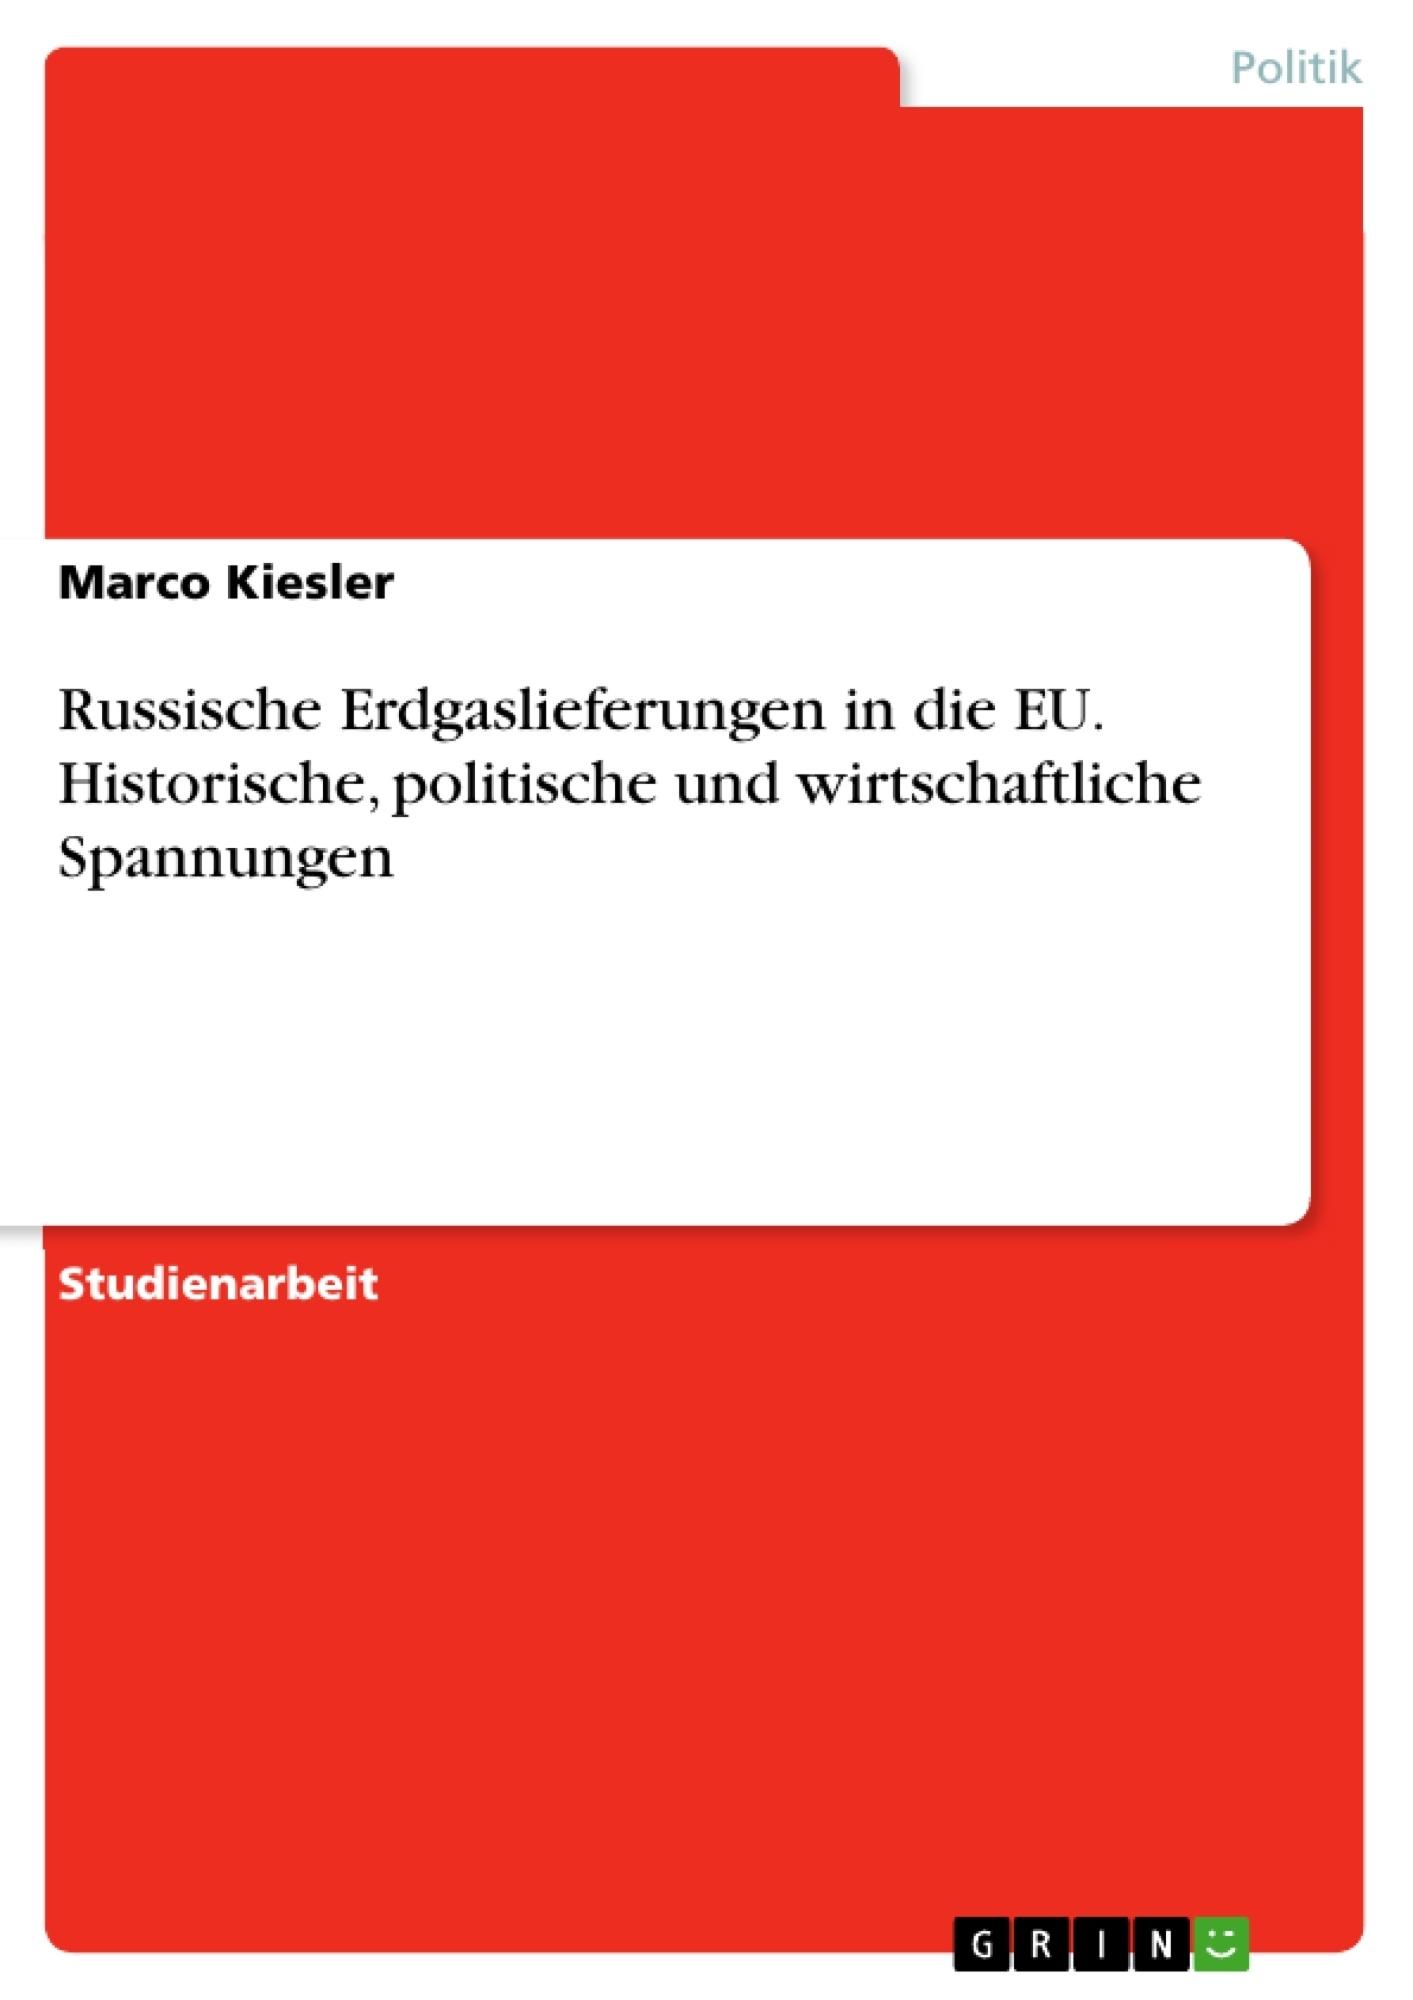 Titel: Russische Erdgaslieferungen in die EU. Historische, politische und wirtschaftliche Spannungen